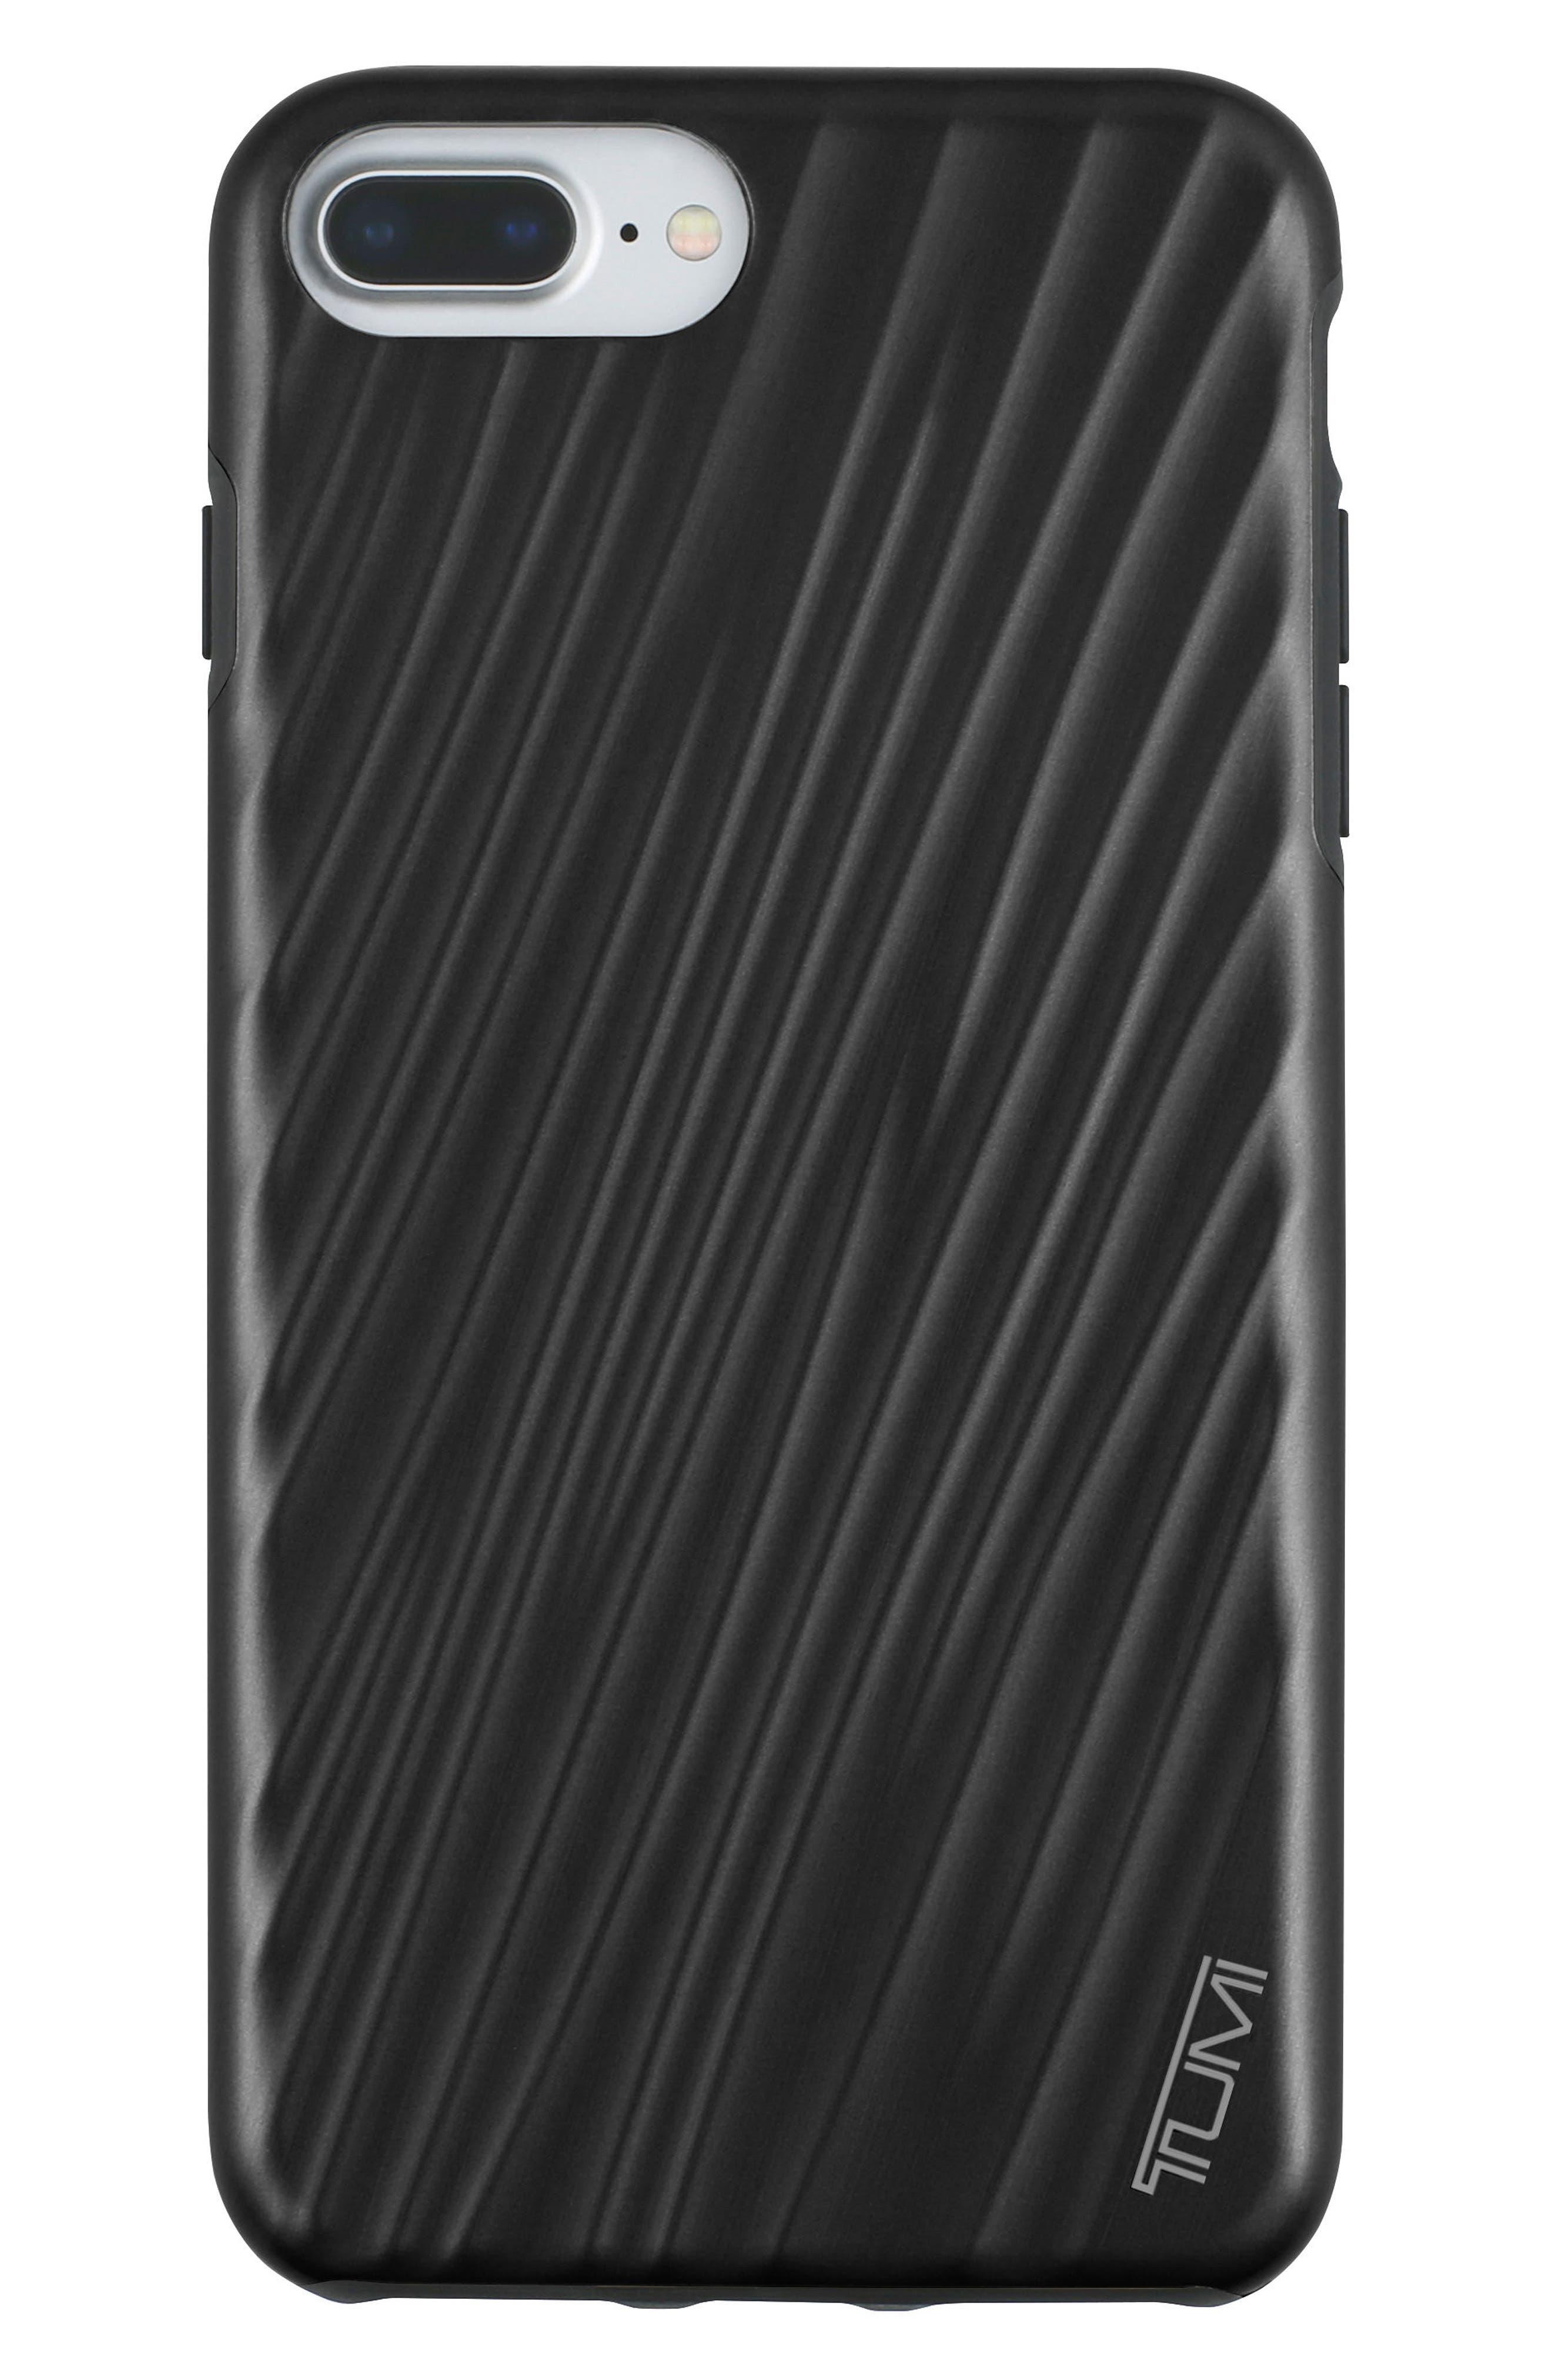 Tumi 19 Degree iPhone 8 Plus Case